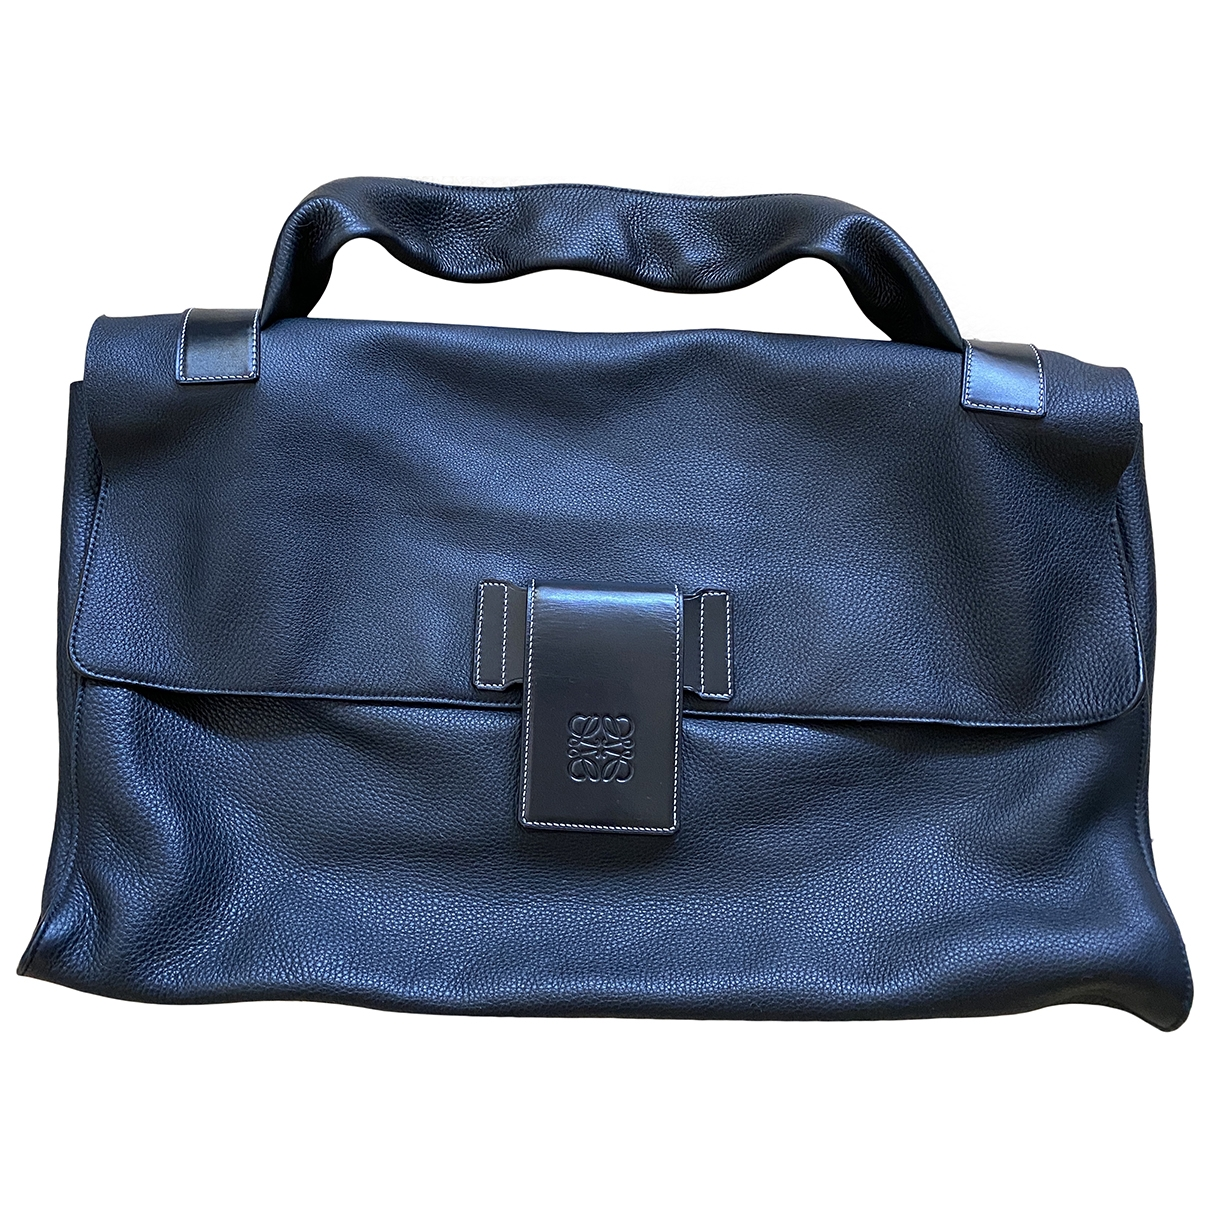 Loewe \N Black Leather handbag for Women \N